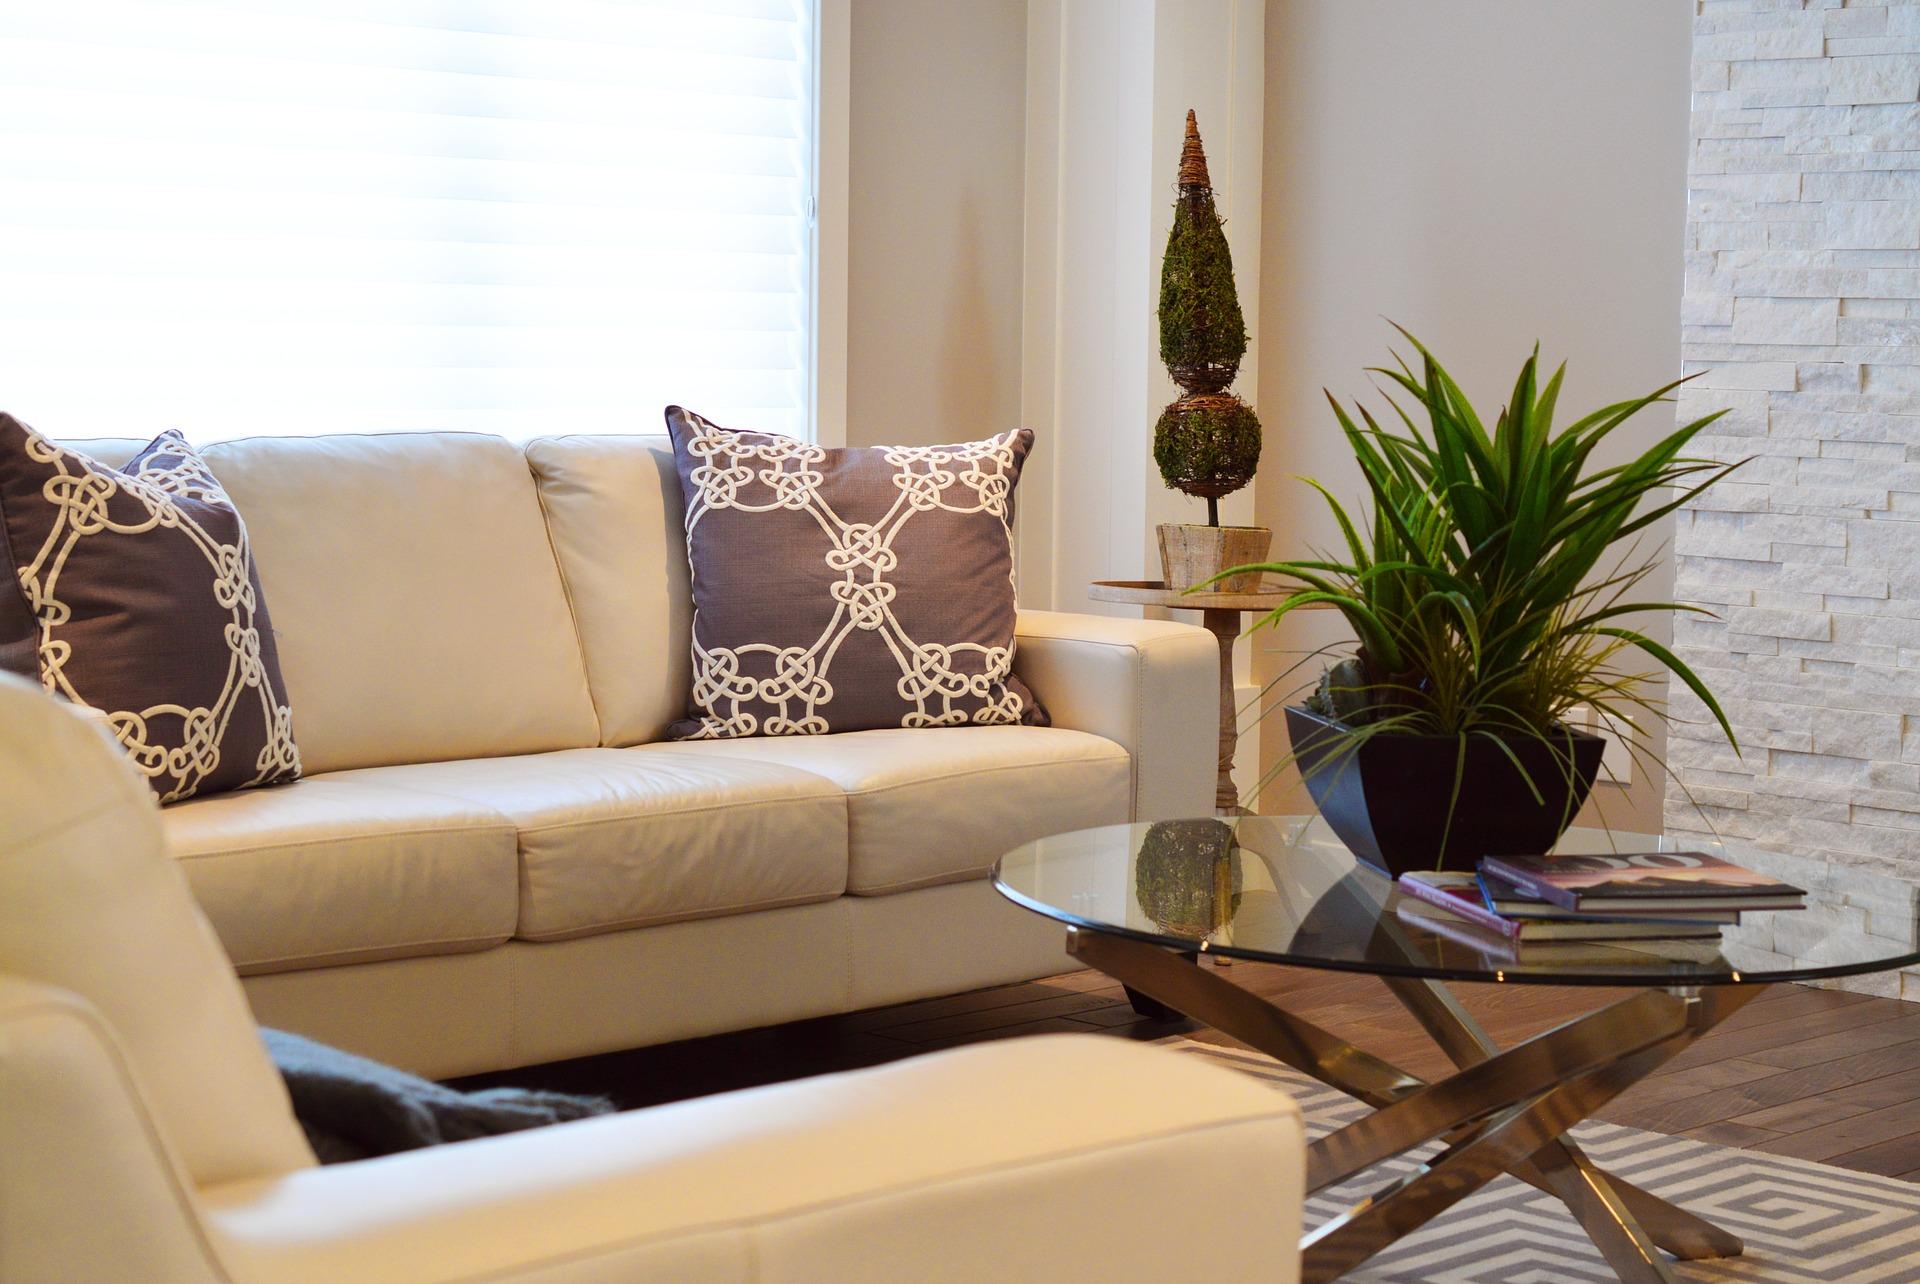 布艺厂家浅析定制沙发需注意的事项